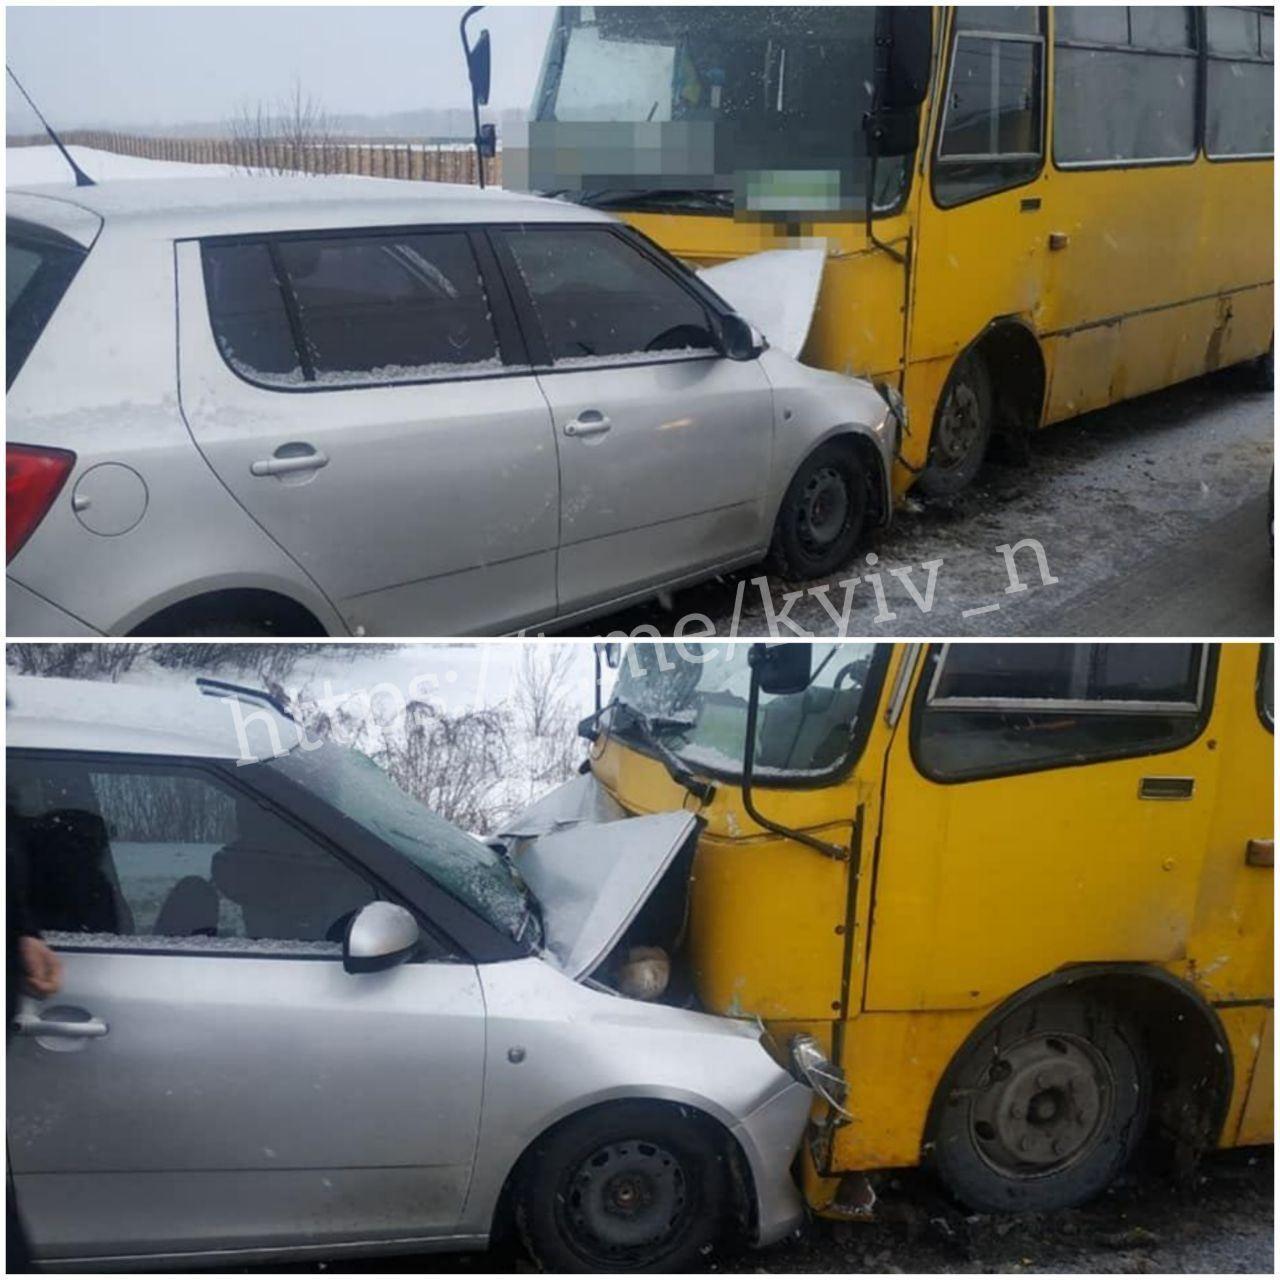 Під Києвом Skoda влетіла у маршрутку: є постраждалі